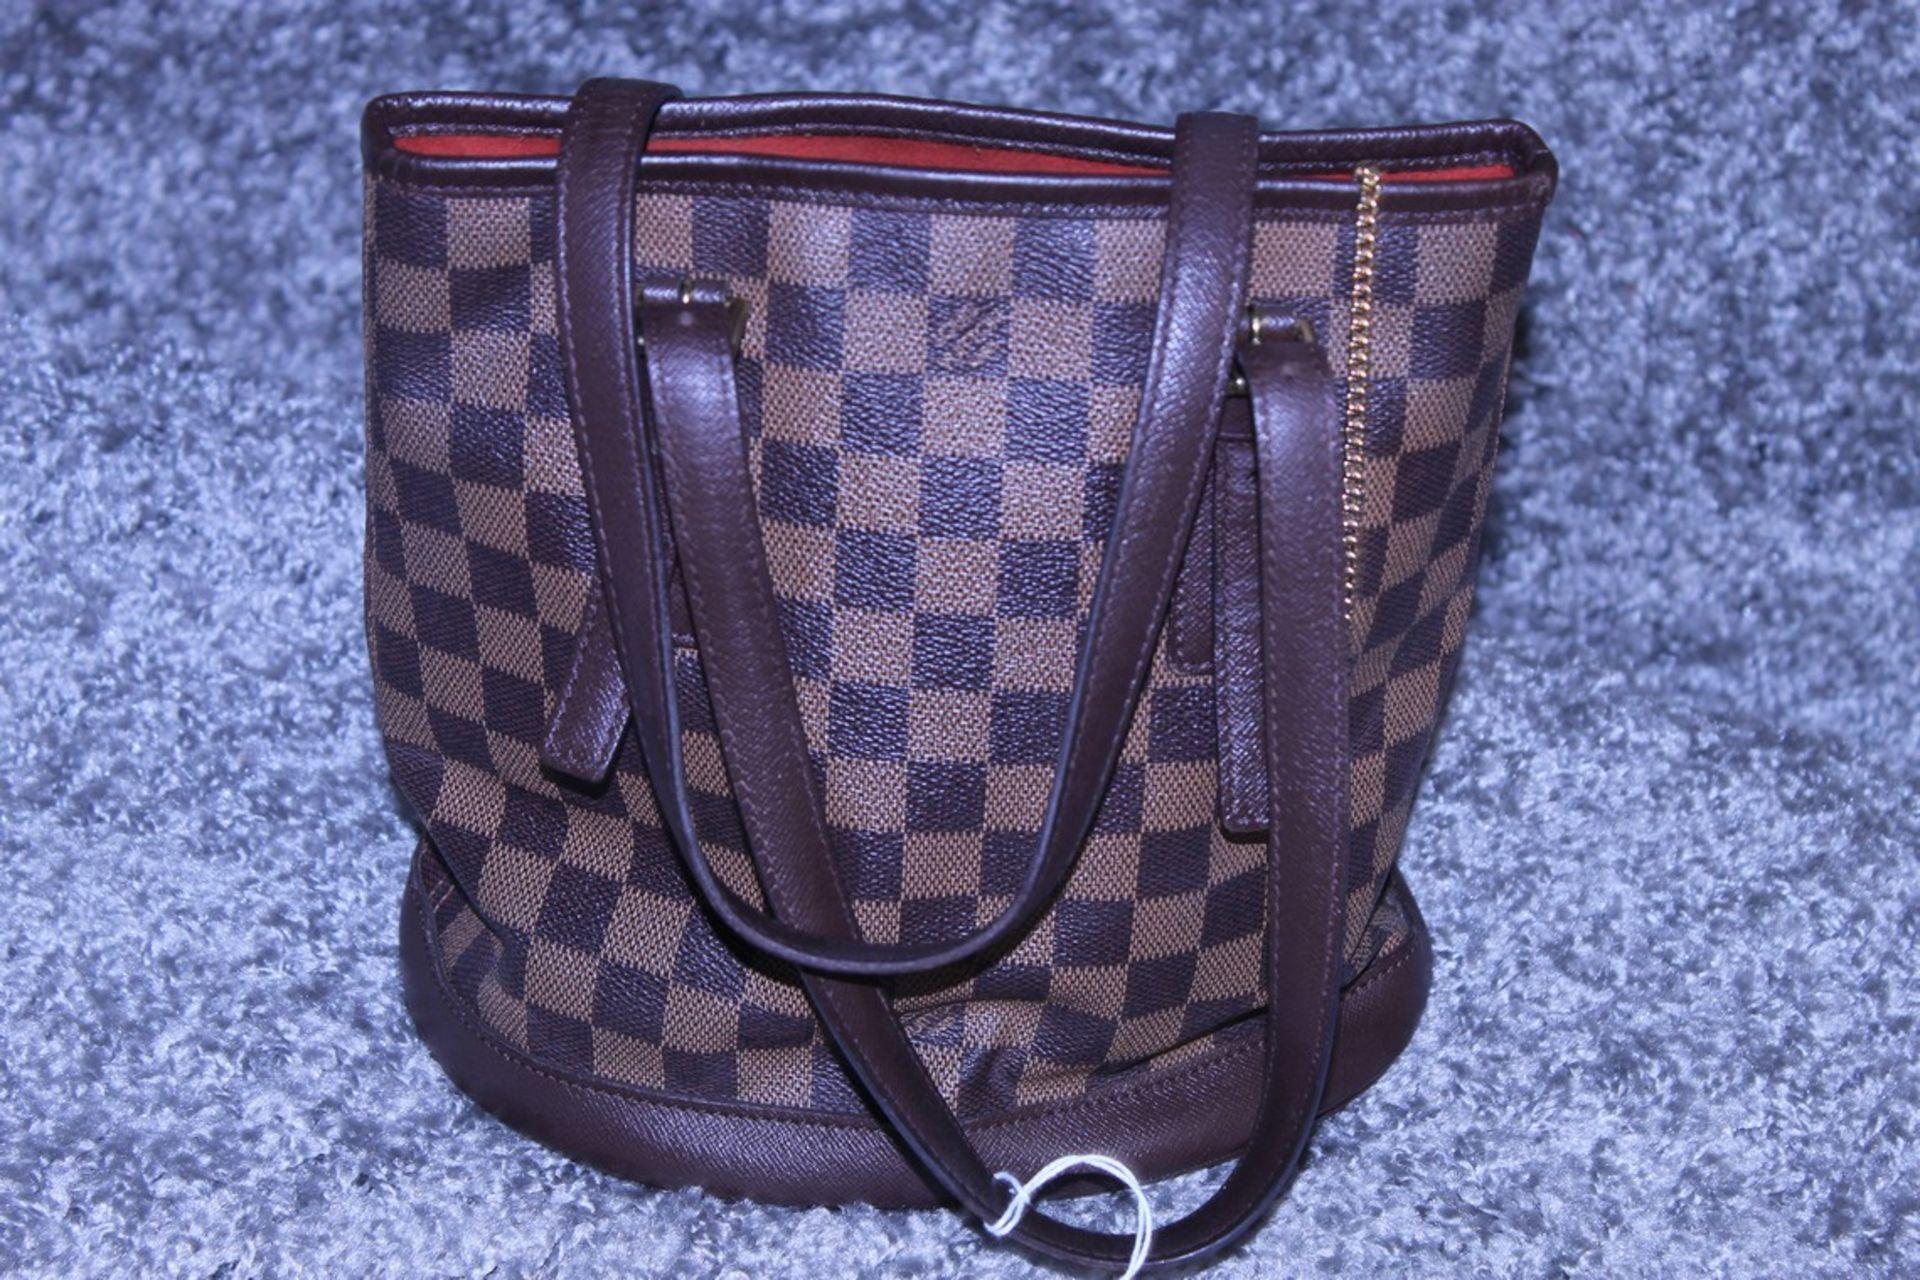 RRP £1,200 Louis Vuitton Marais Handbag, Brown Coated Canvas 23X24X16Cm (Production Code Sp0013) - Image 2 of 3